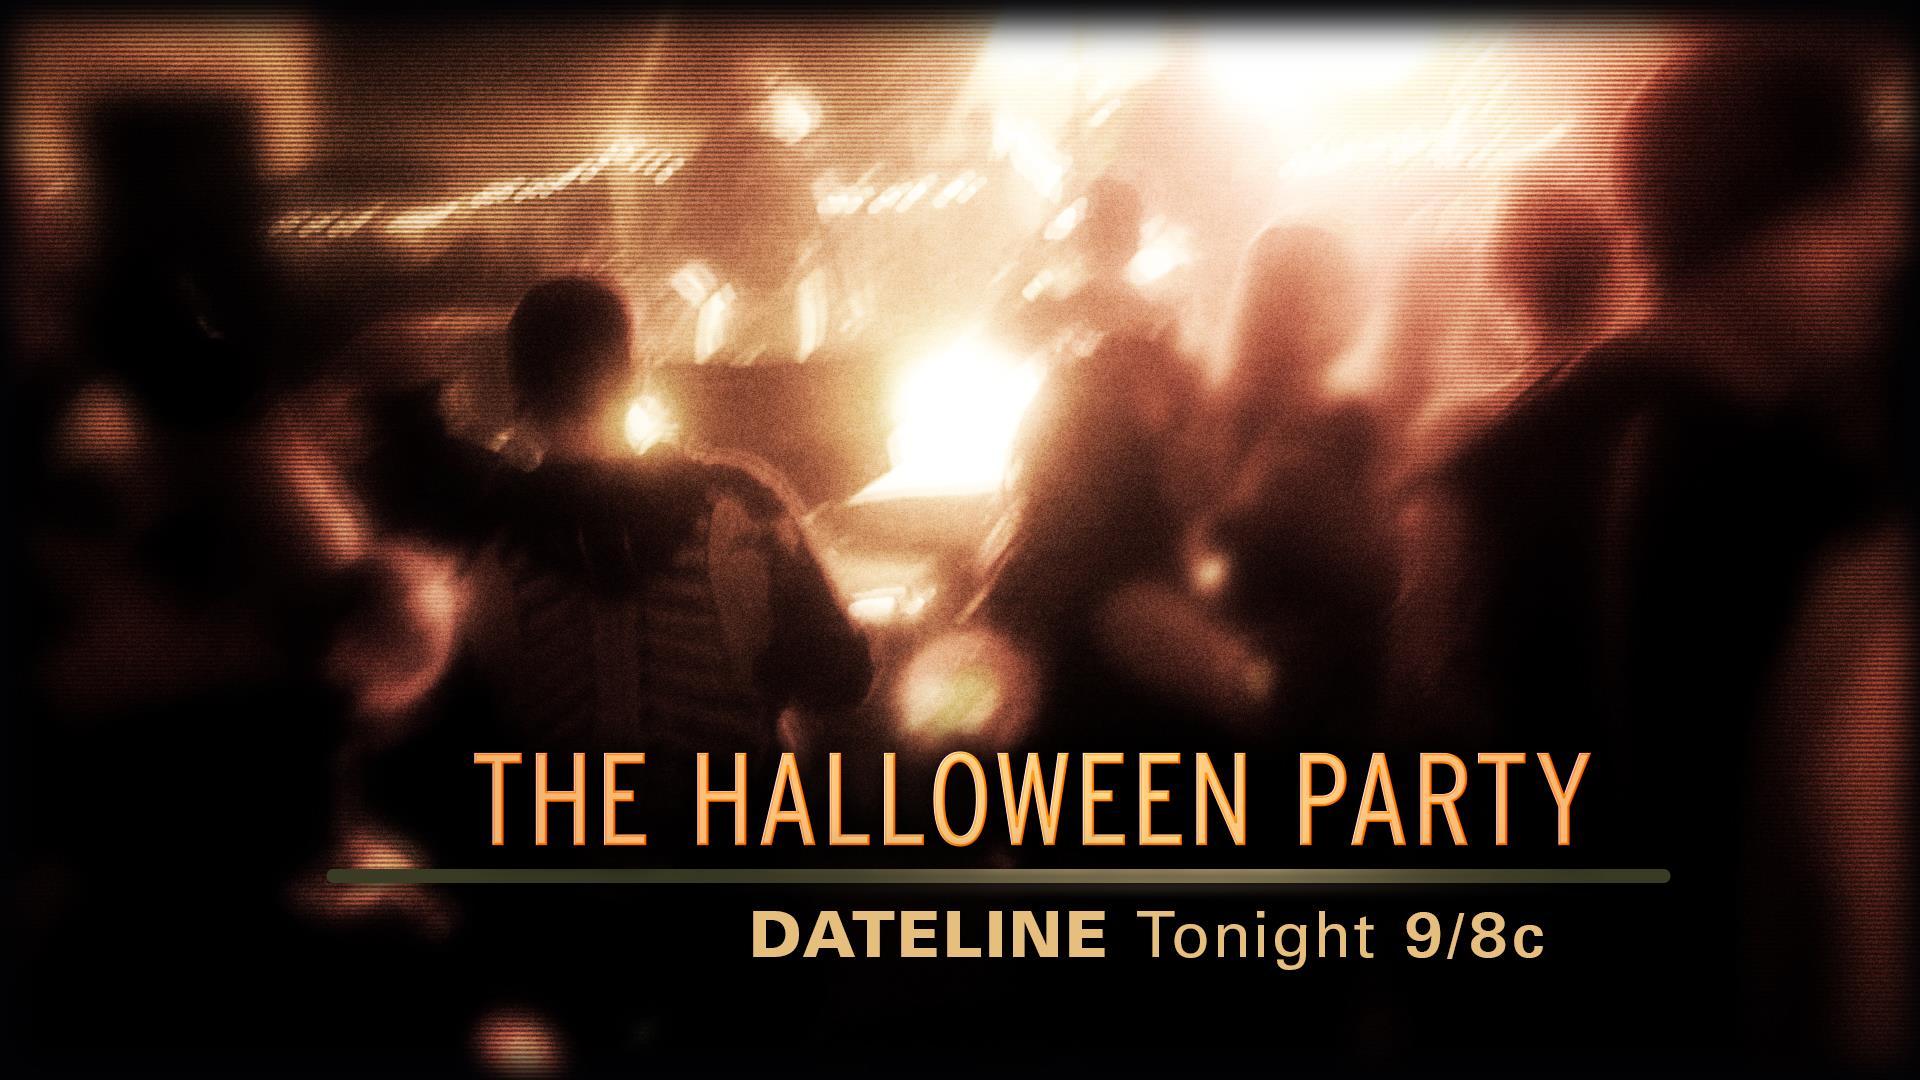 dateline friday sneak peek: the halloween party